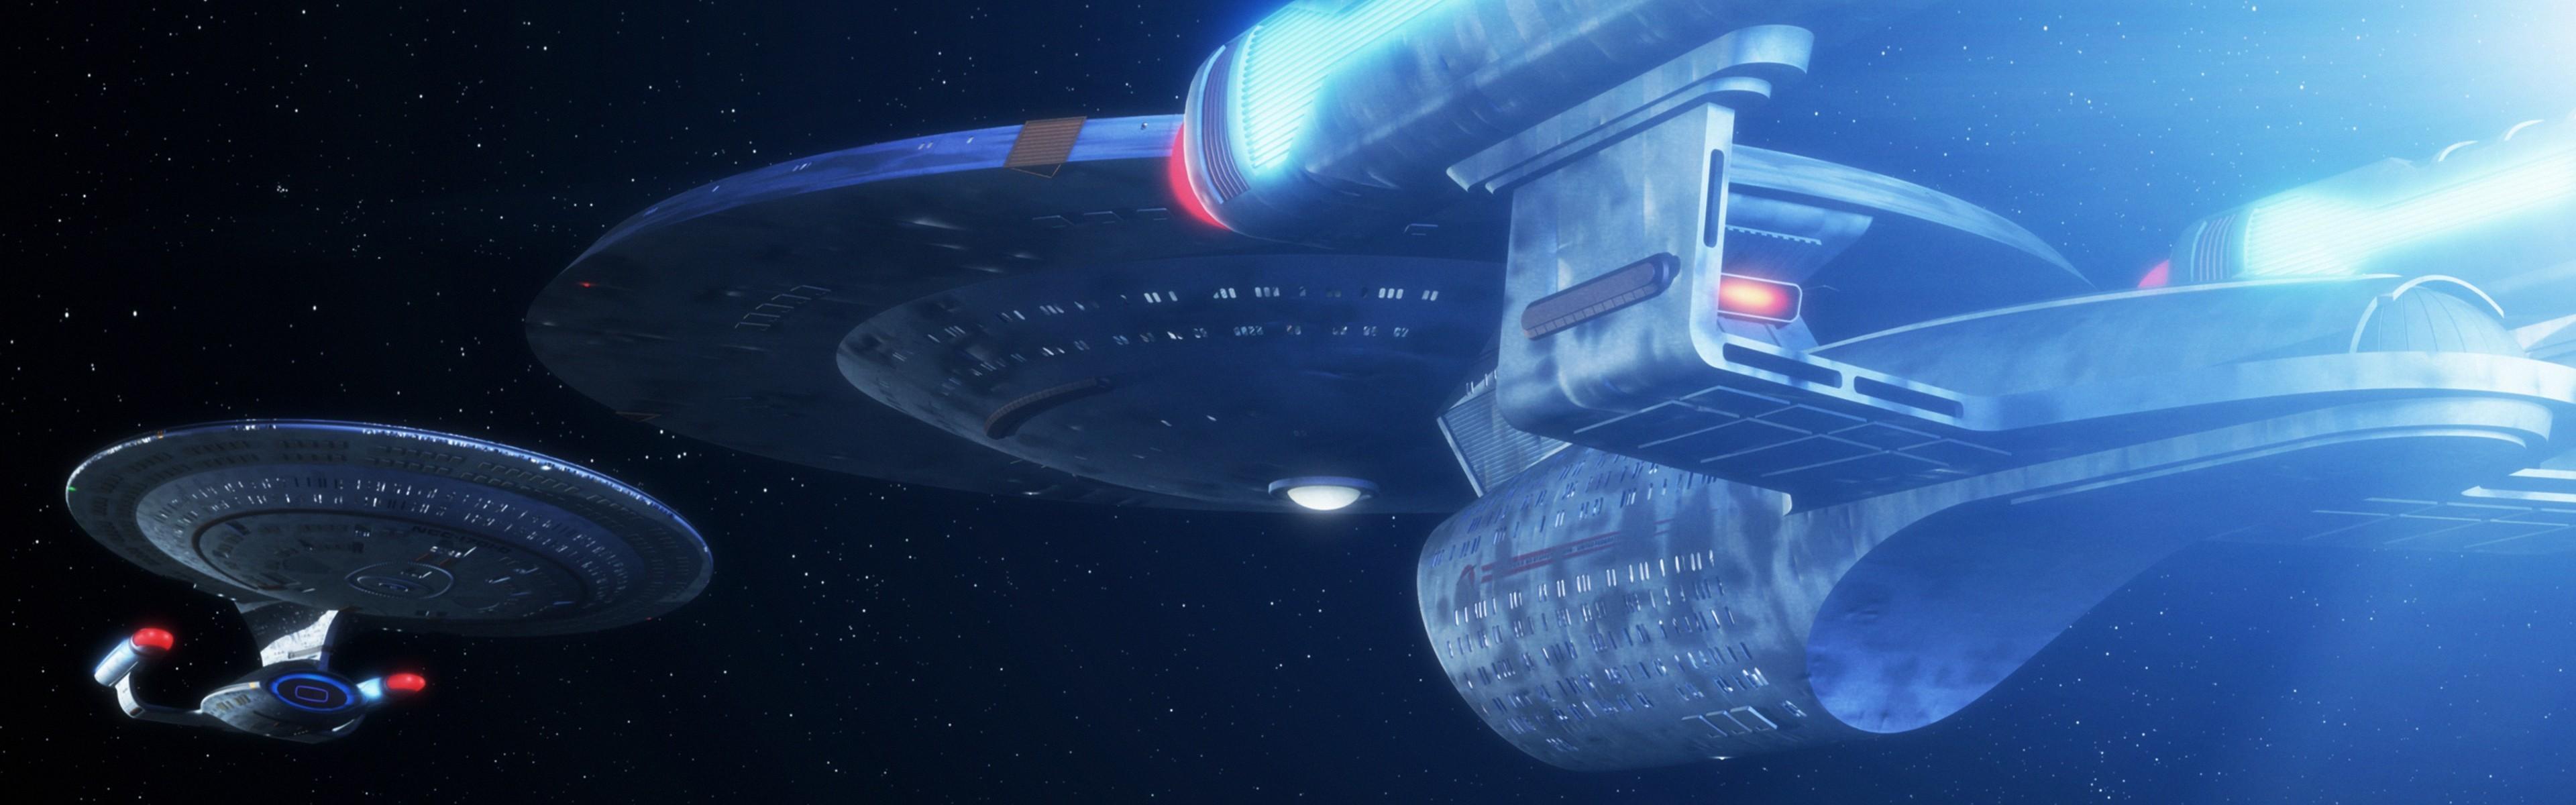 General Star Trek USS Enterprise (spaceship) dual monitors  multiple display space